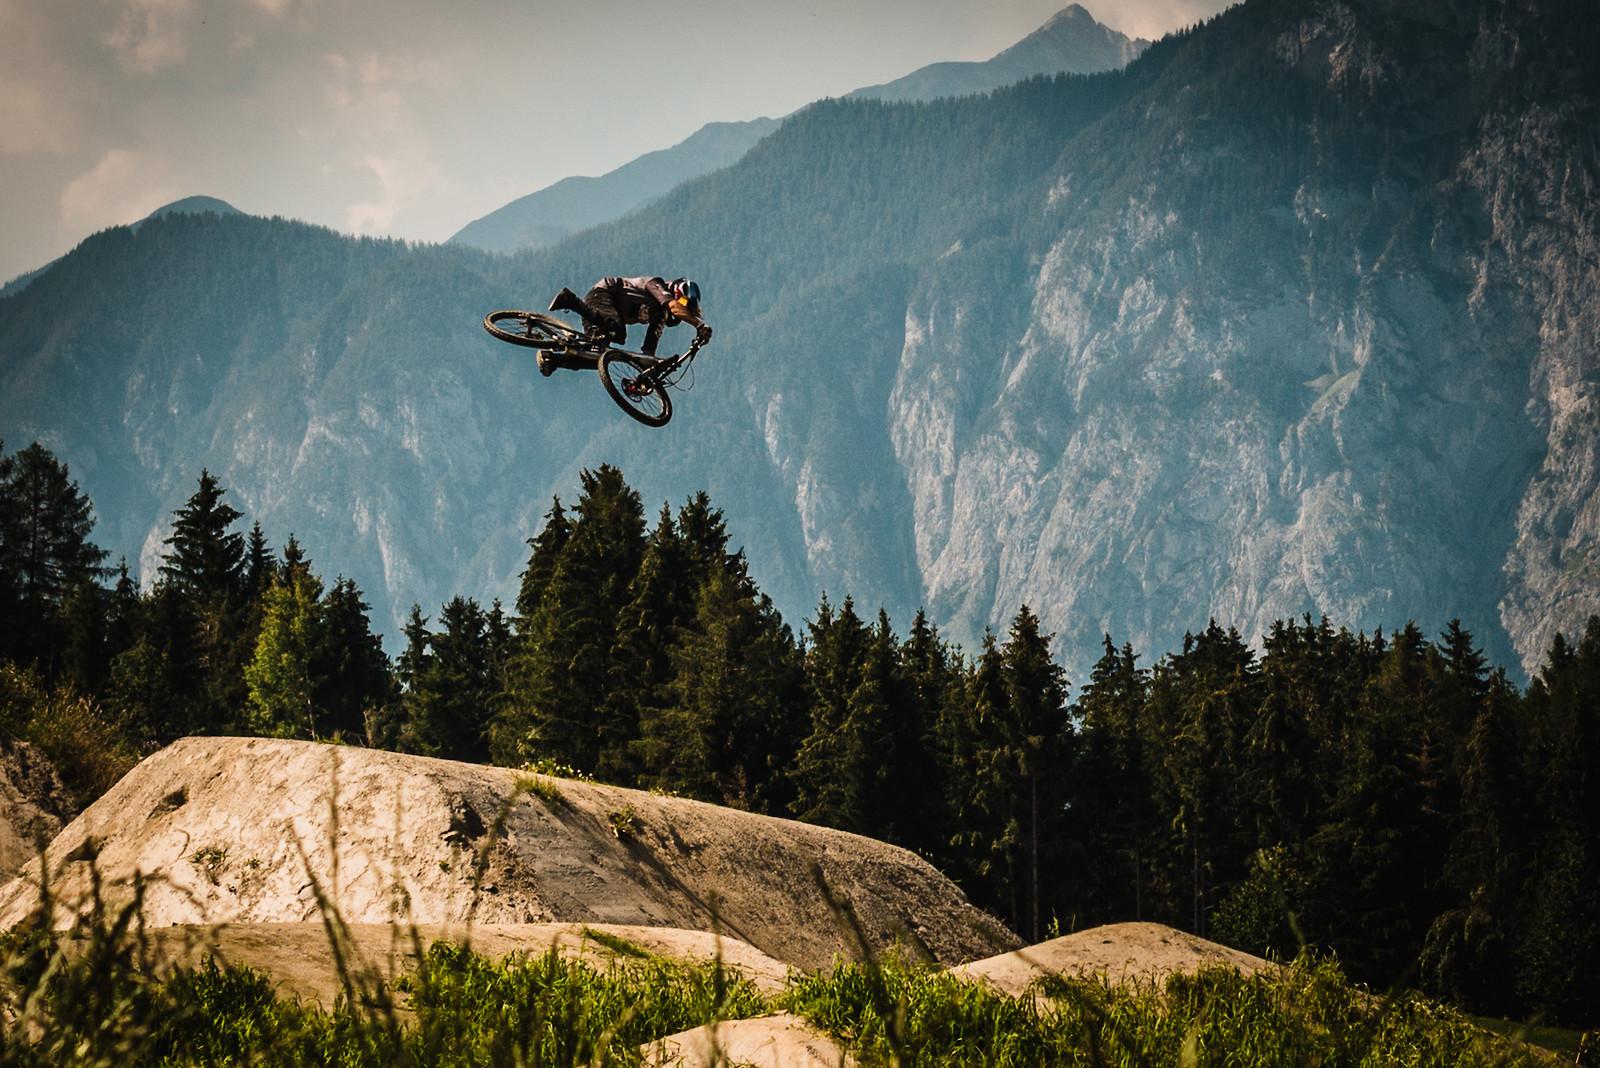 Steeze by Szymon Godziek - Adam_GLosowic - Mountain Biking Pictures - Vital MTB